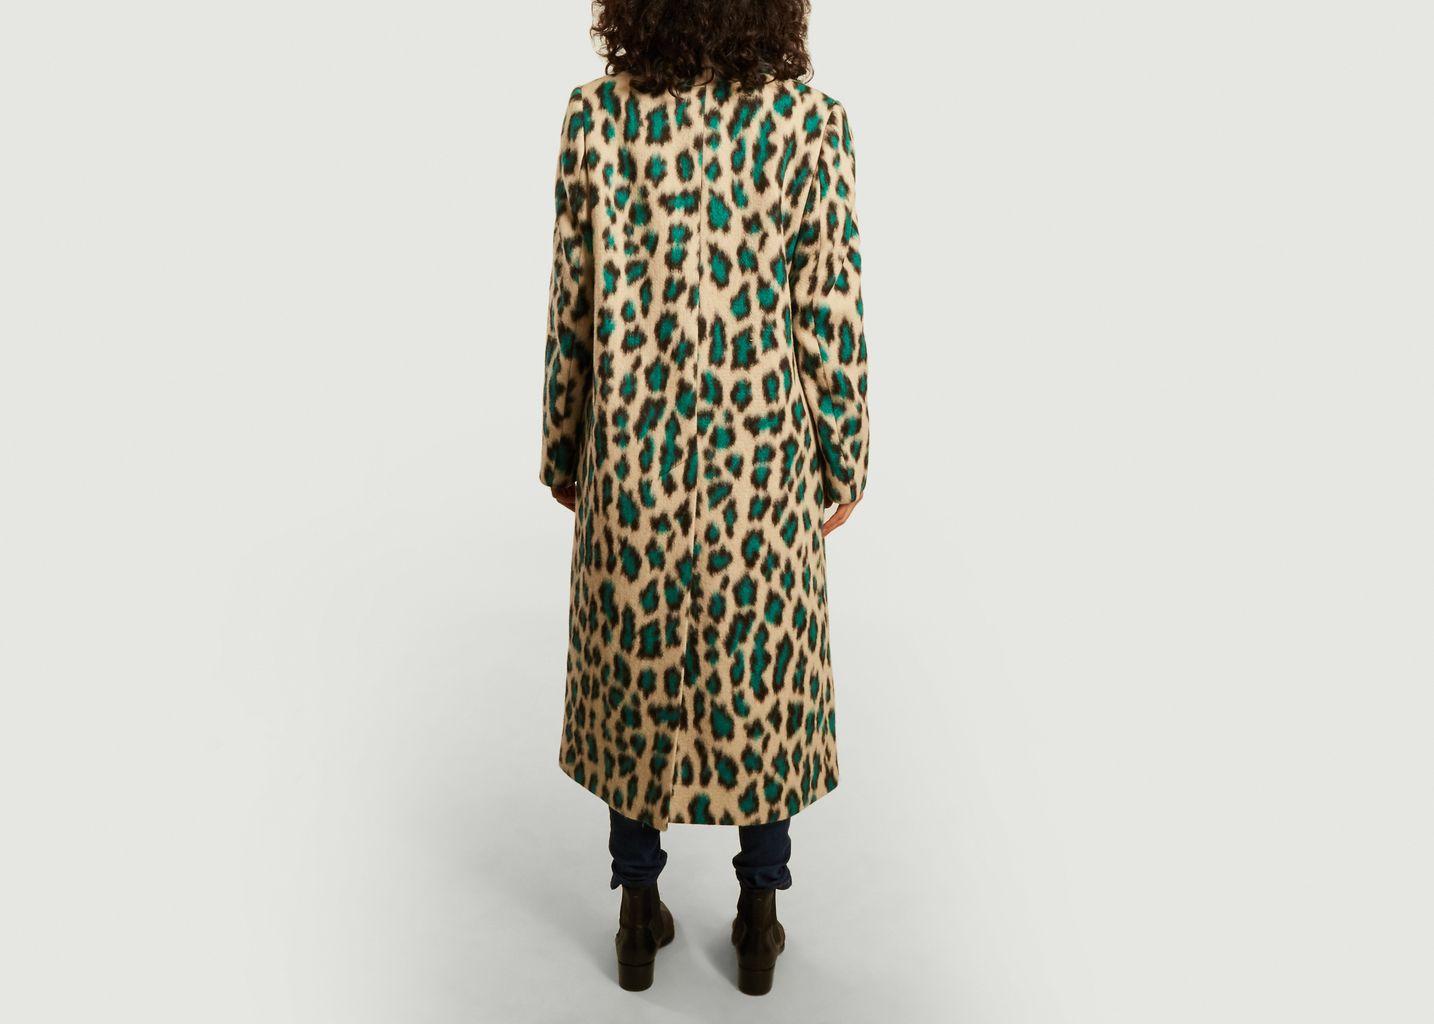 Manteau long motif léopard - MM6 Maison Margiela